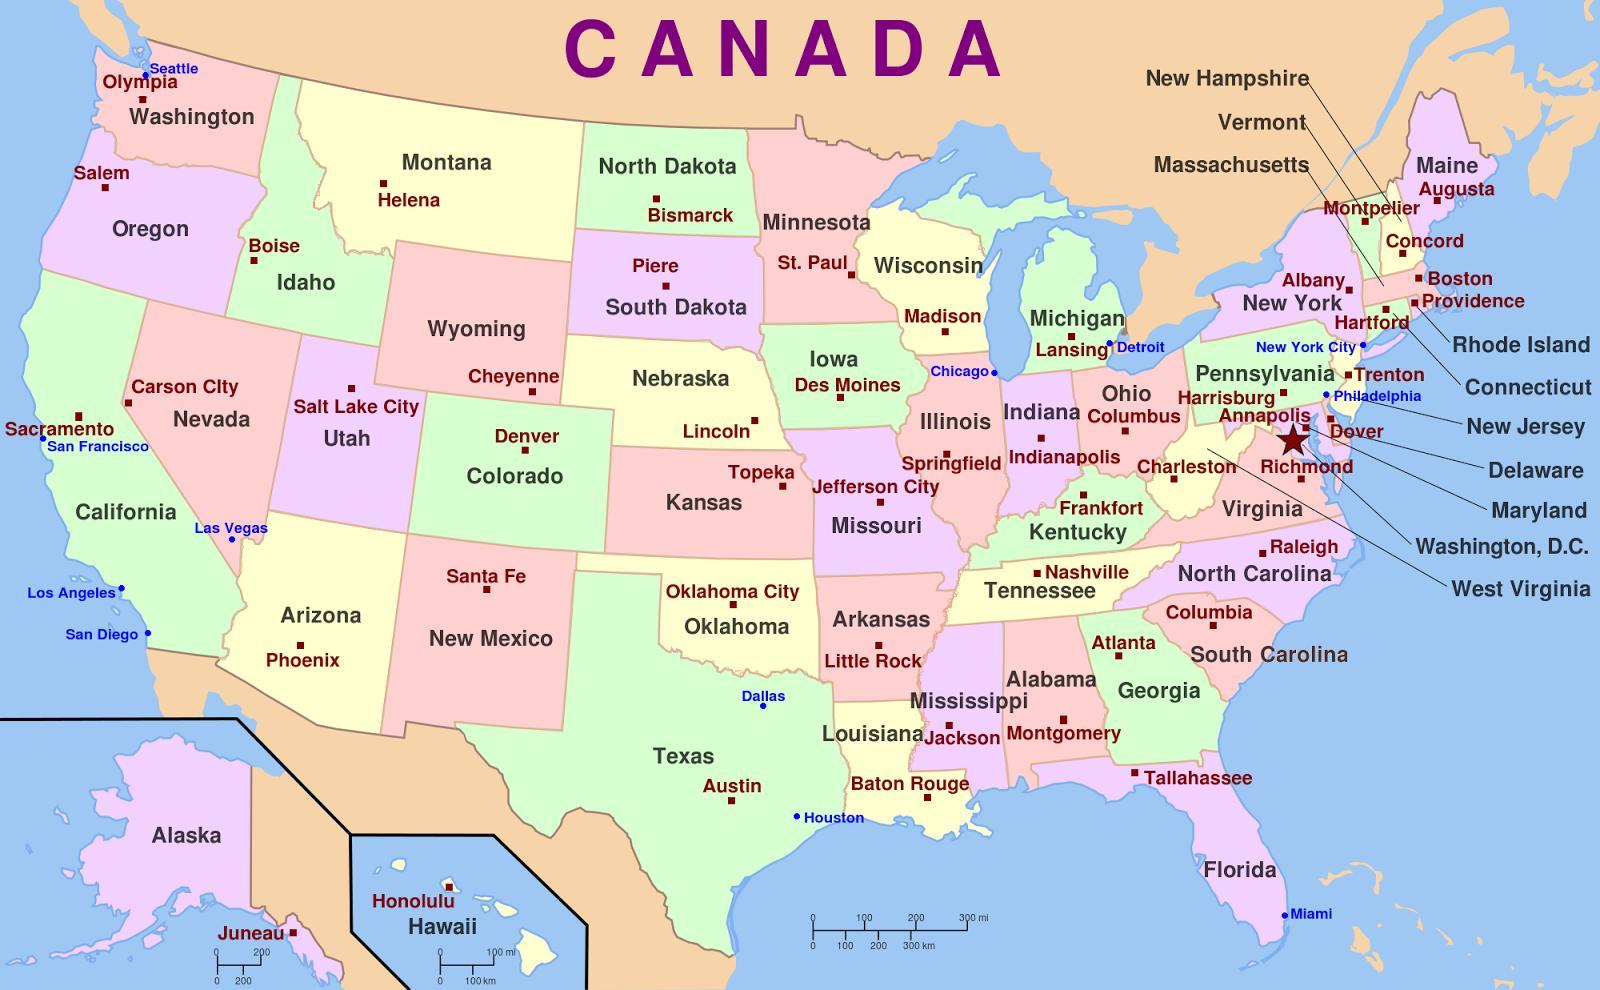 Cartina Stati Uniti Damerica Con Capitali.Usa La Mappa Stati E Capitali Mappa Degli Stati Uniti Con Capitelli E Uniti America Del Nord America